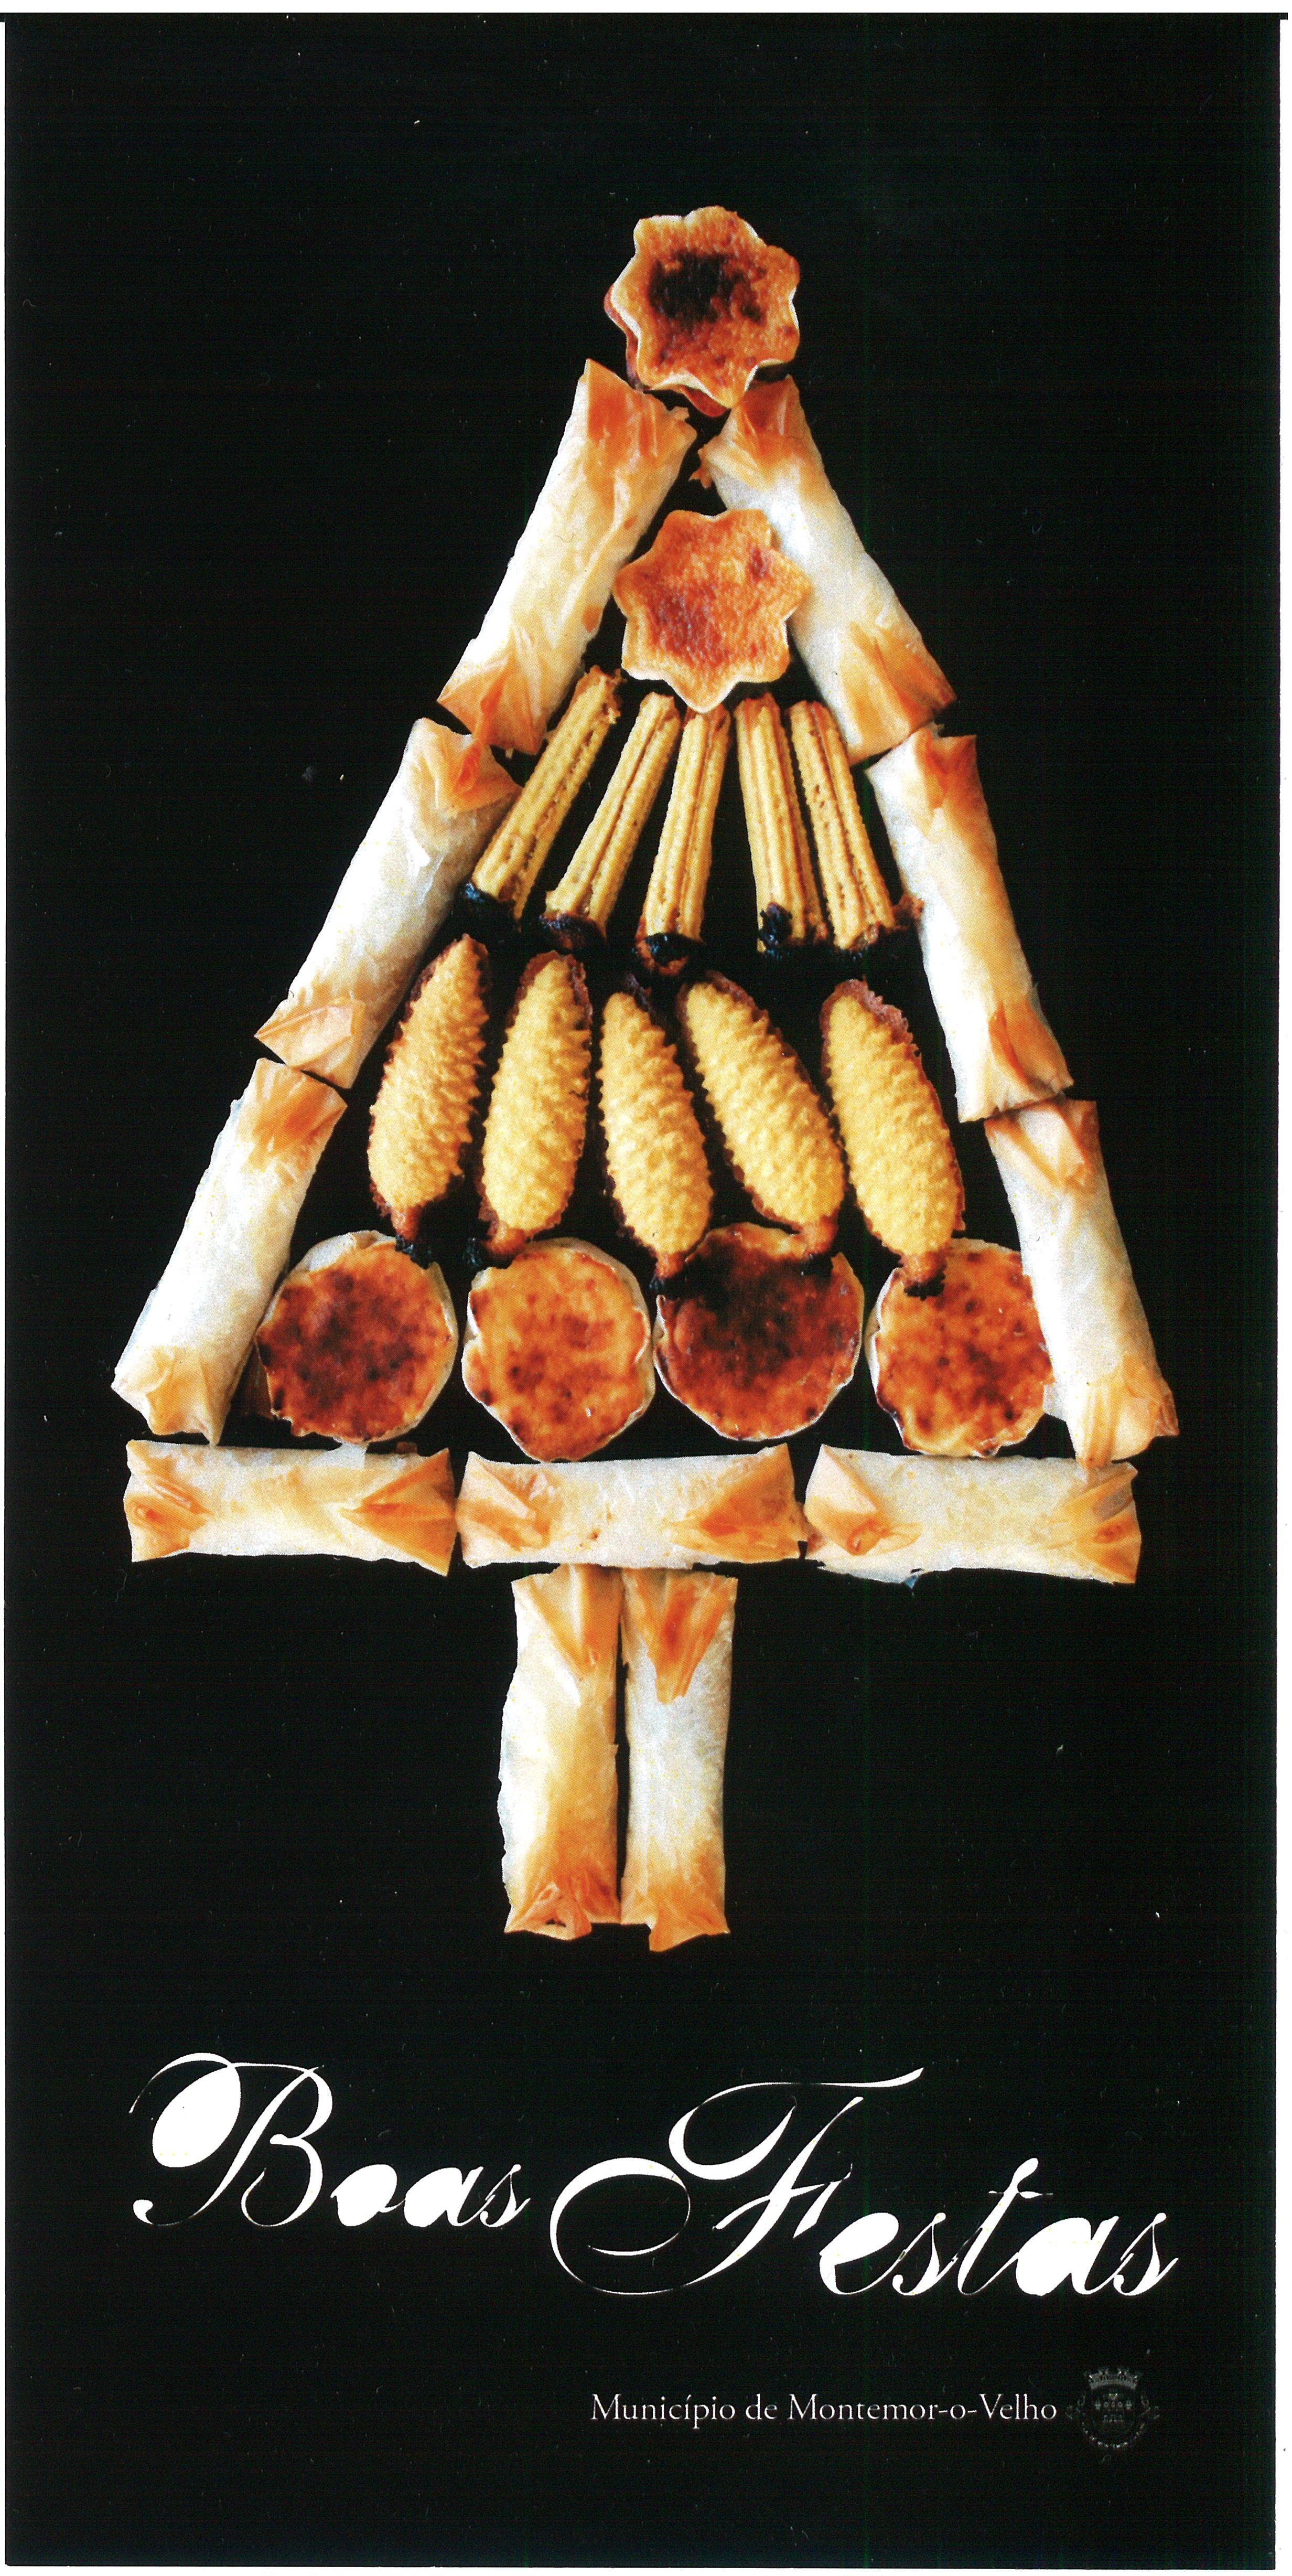 Doces de montemor o velho, Castelo de montemor o velho, Espiga doce, pinha de Montemor, queijada de Pereira, queijada, pastel de tentúgal